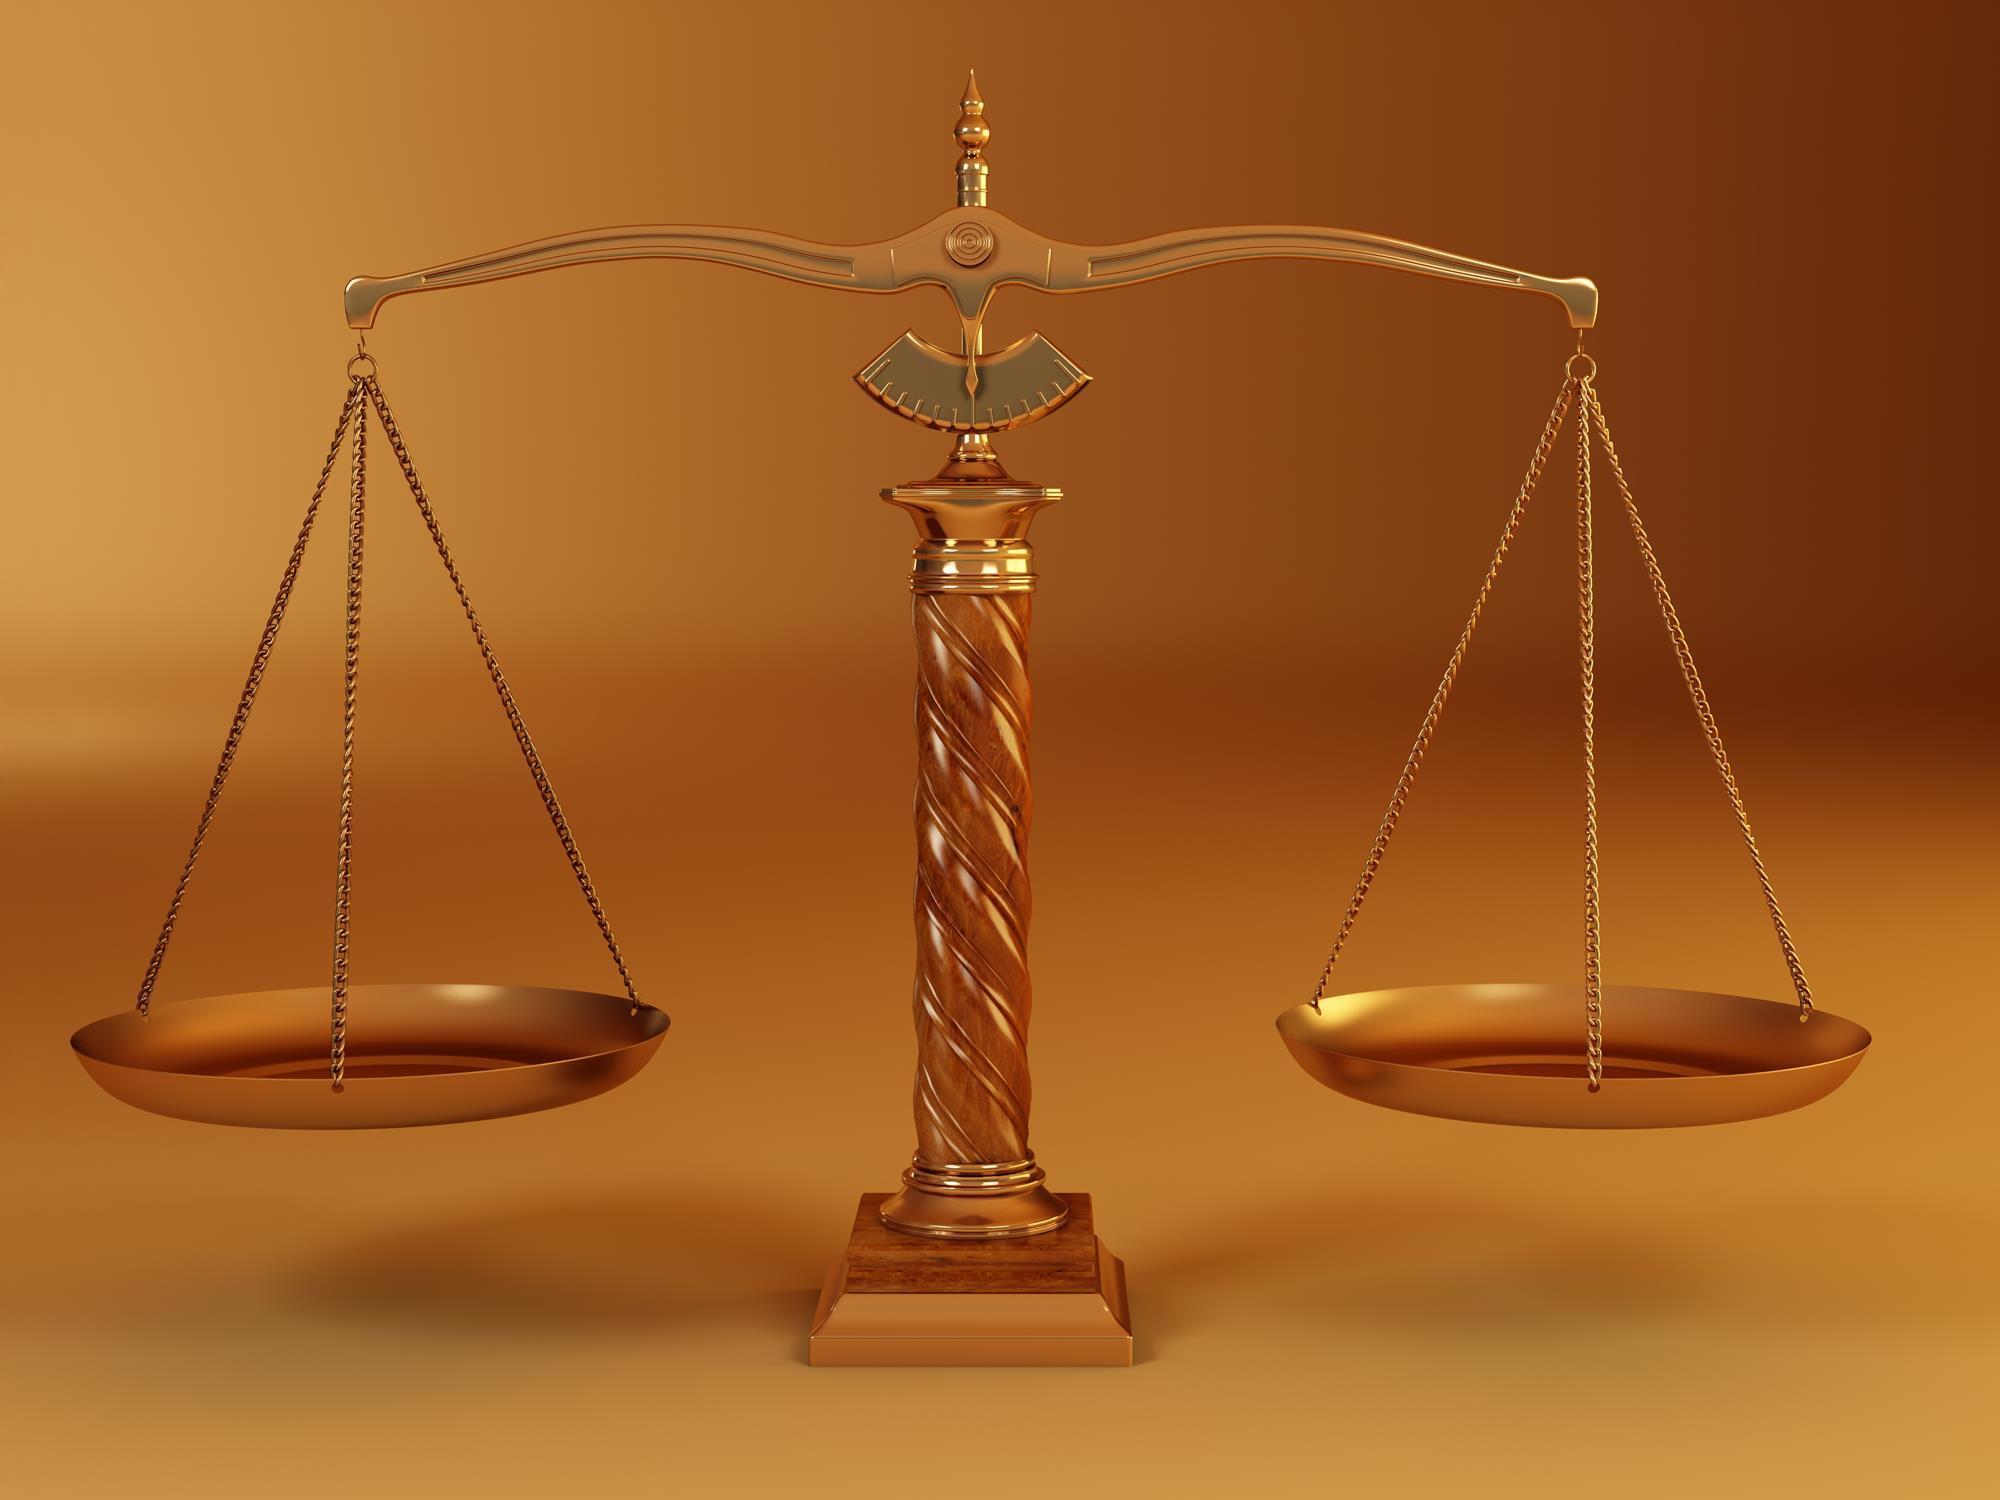 Trust in £100,000 court battle over alleged trademark breach